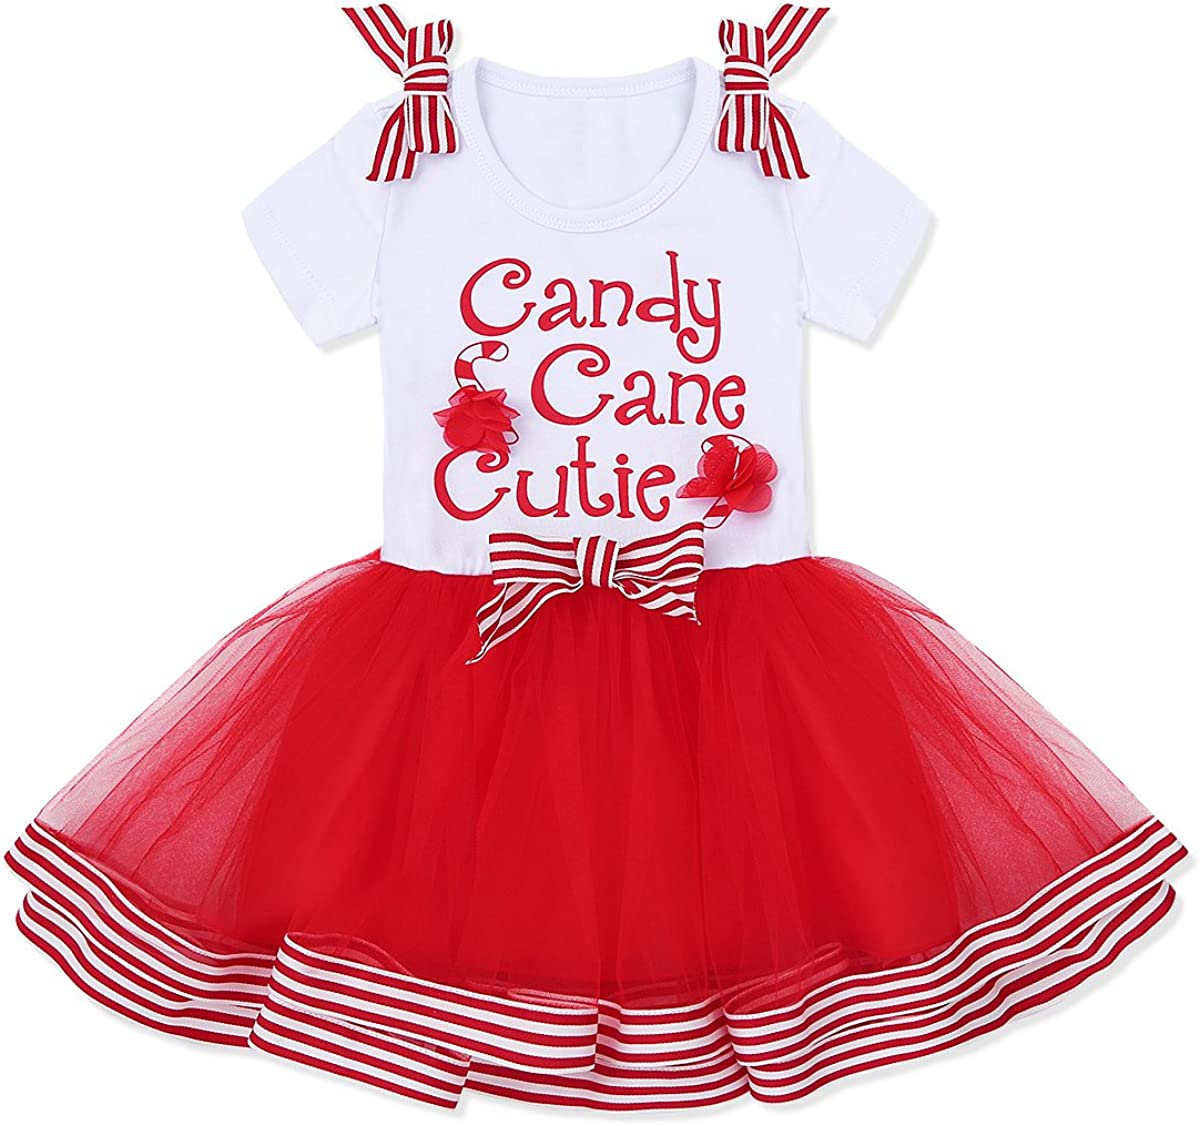 CHICTRY Infant Baby Girls Cutie Christmas Elk Romper Tutu Dress Short Sleeve Reindeer Cosplay Party Dance Costume Tutu Brown 3 Years